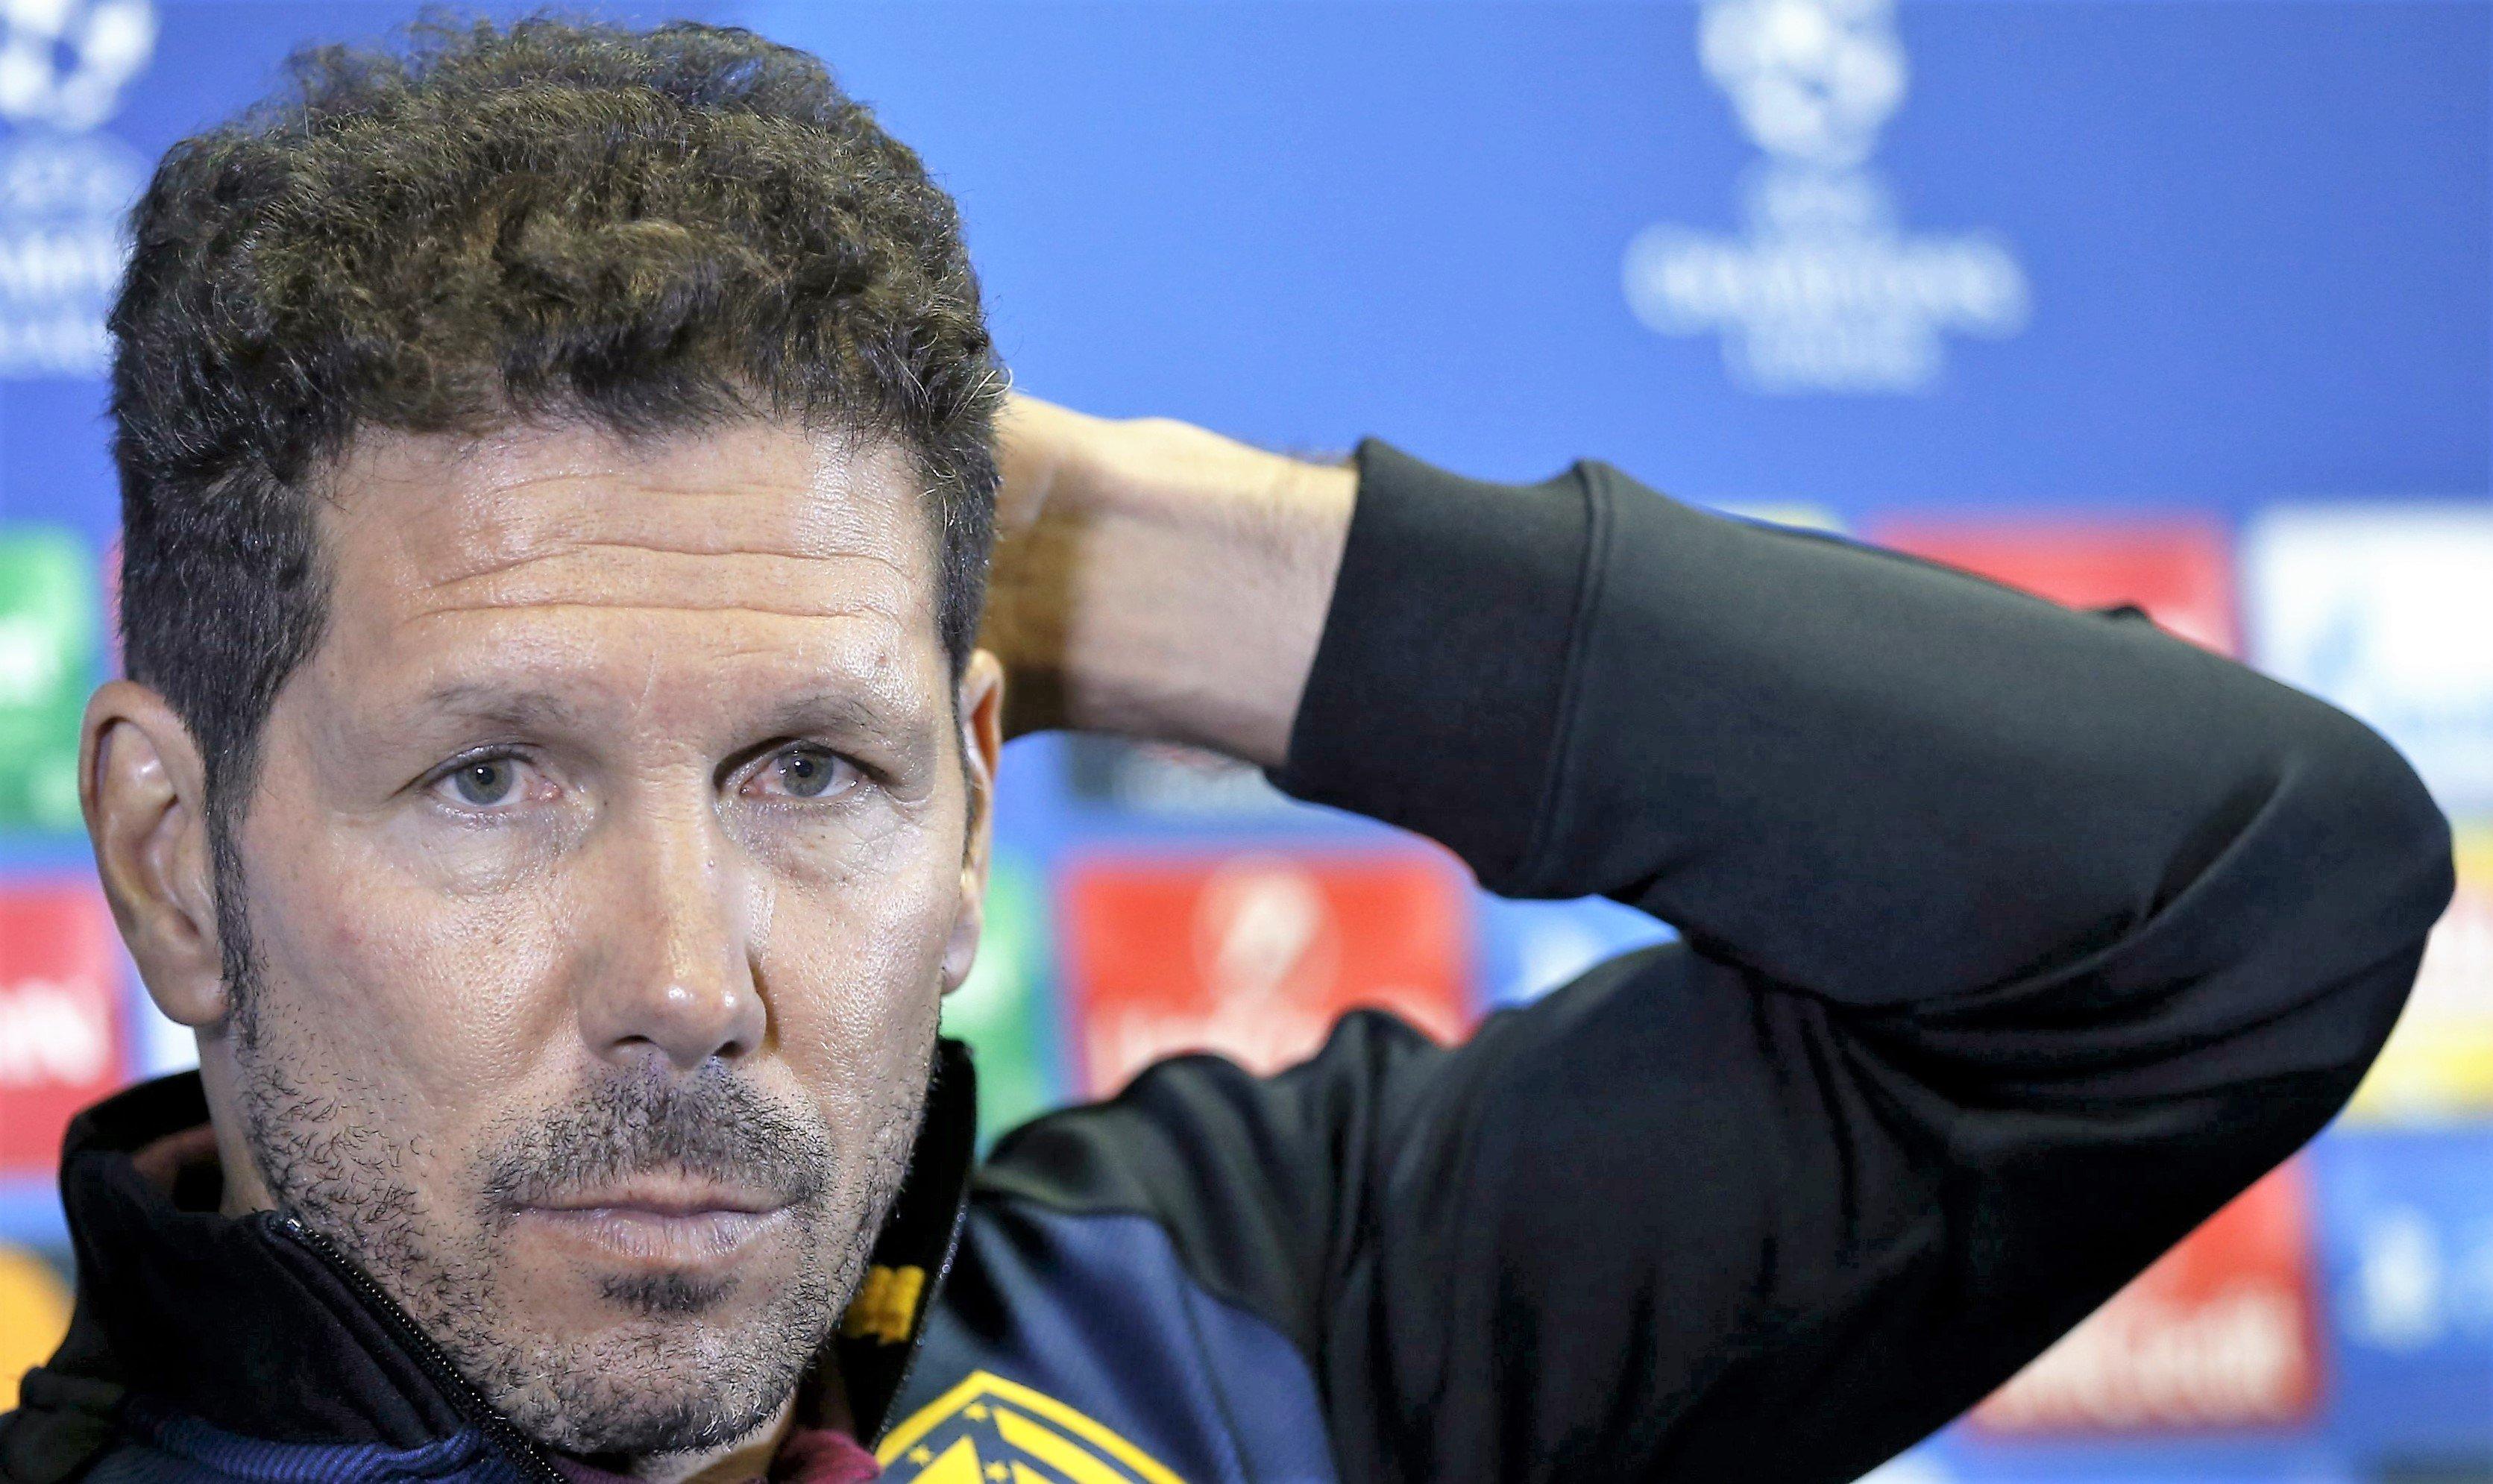 El fichaje que el Cholo Simeone le ha pedido al Atlético para el mercado de invierno